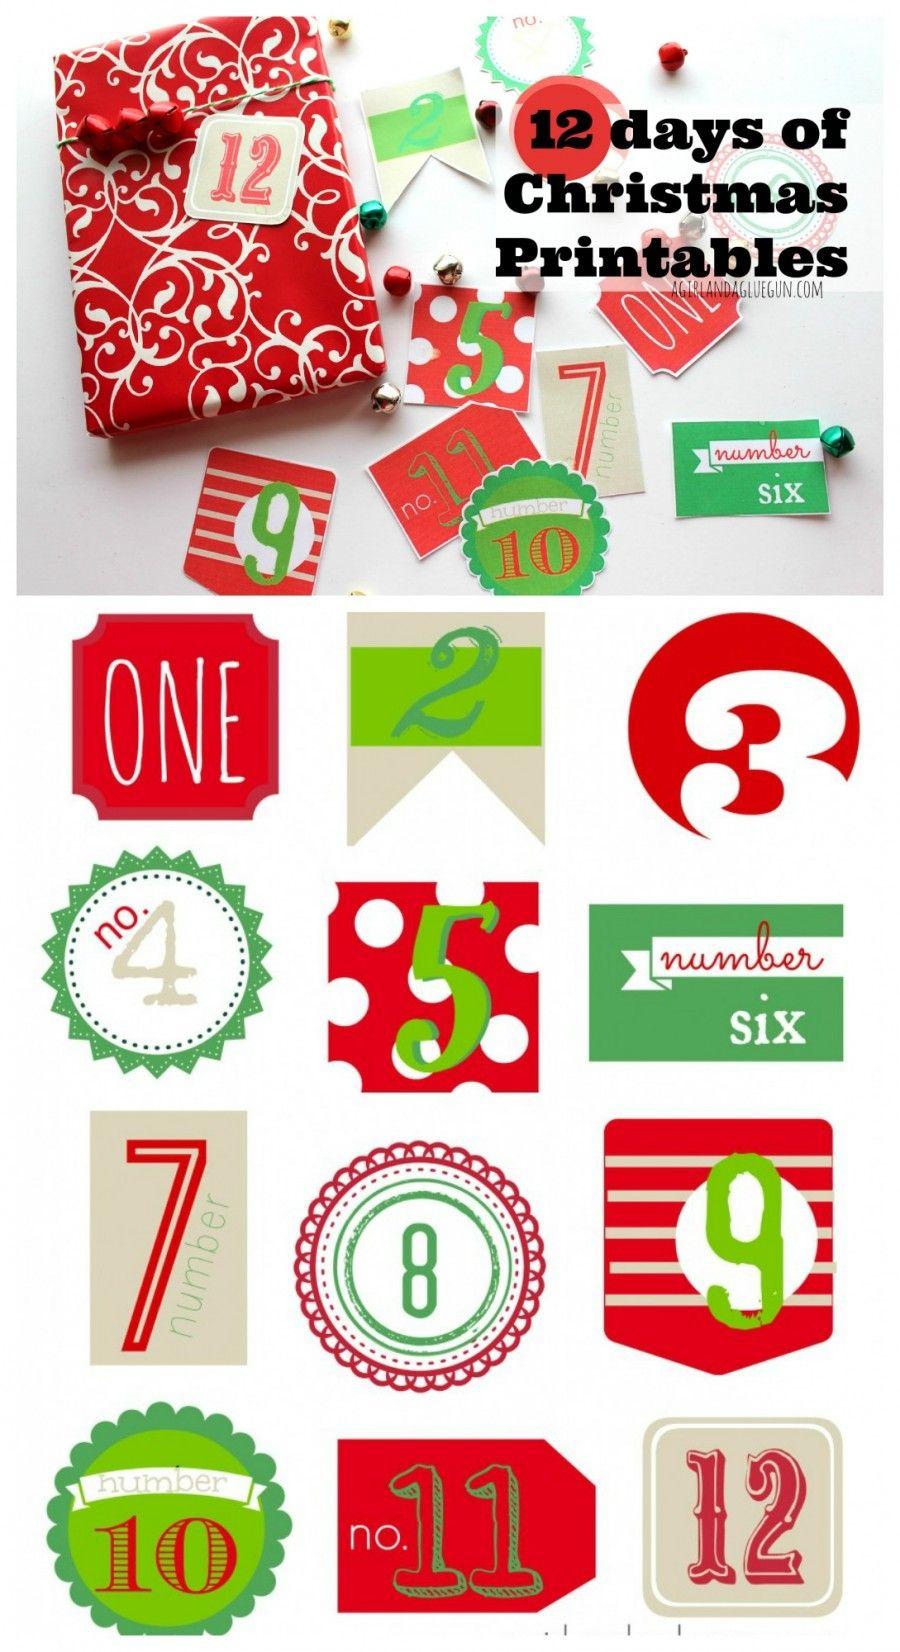 12 Days Of Christmas Free Printable | Christmas & Winter | Pinterest - Free Printable 12 Days Of Christmas Gift Tags